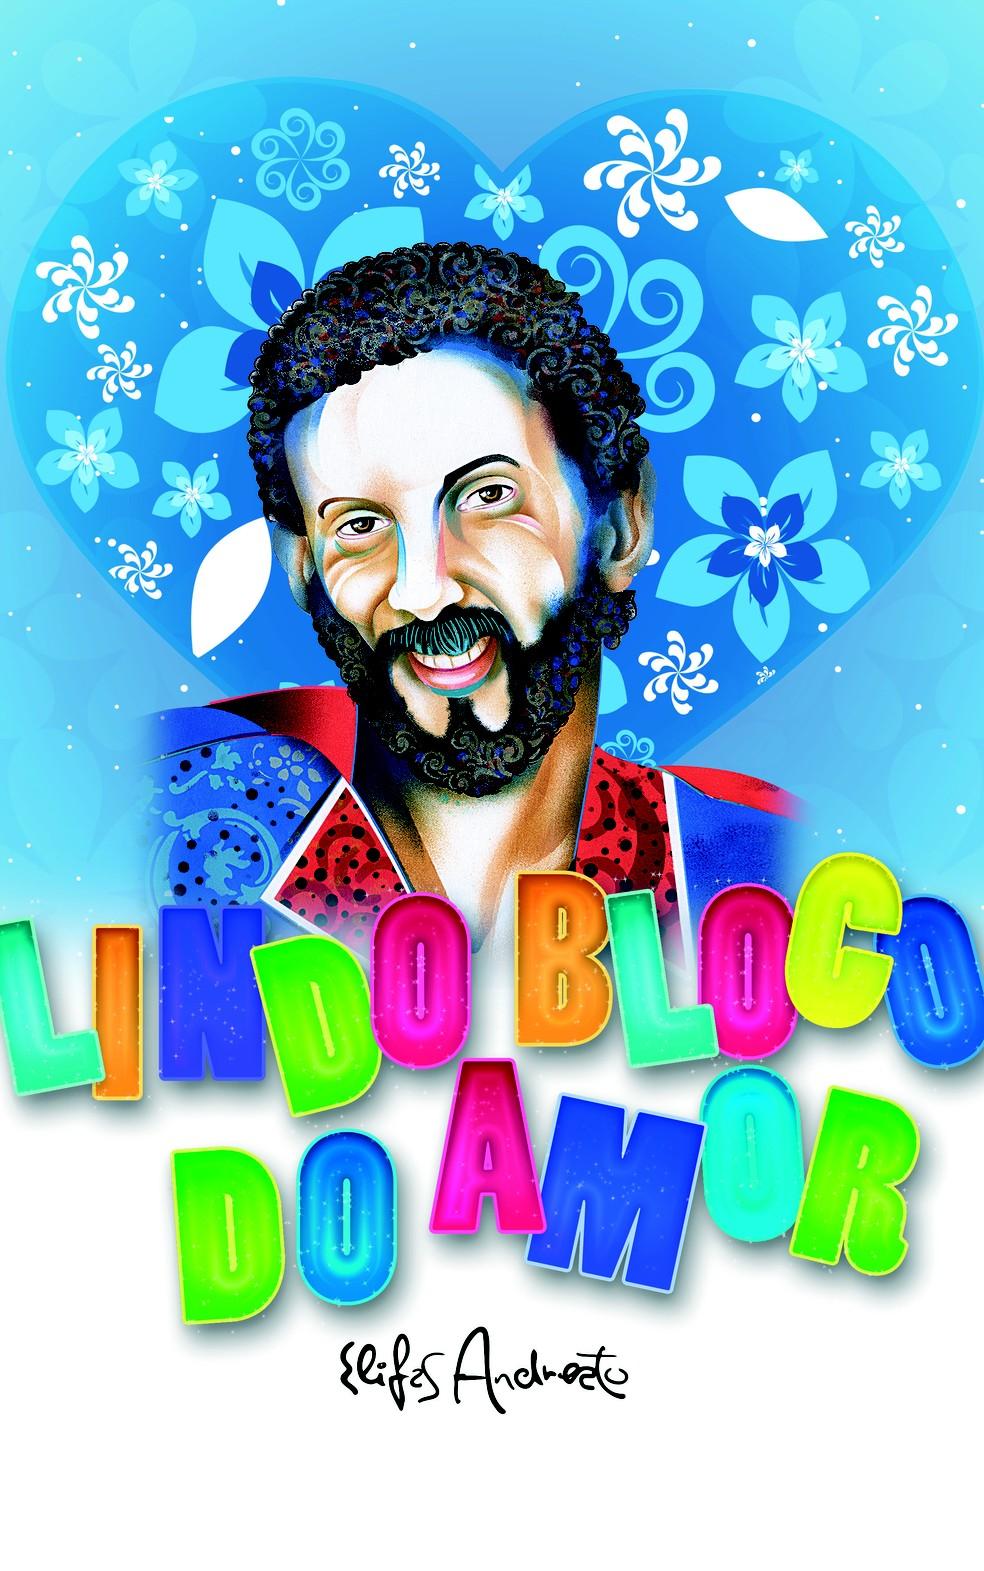 Estandarte do Lindo Bloco do Amor foi criado por Elifas Andreato (Foto: Elifas Andreato/Divulgação)